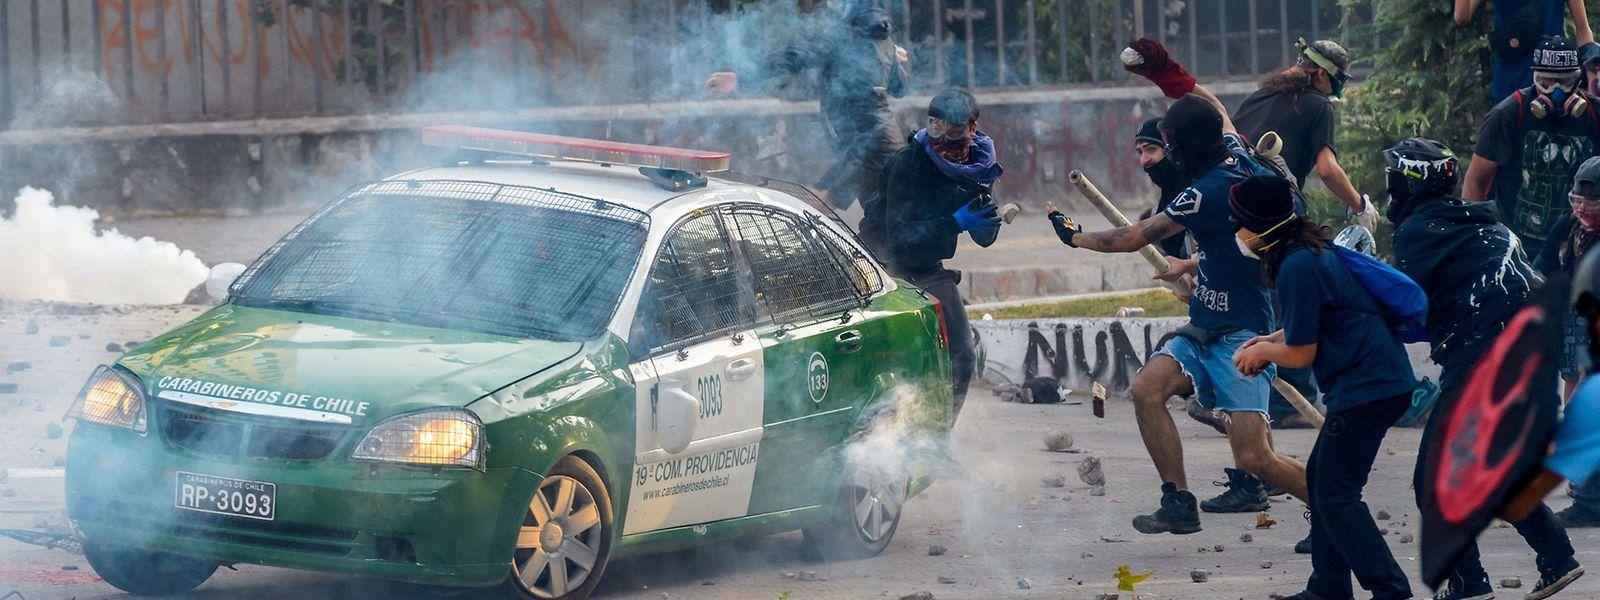 Regelmäßig kommt es in der chilenischen Hauptstadt zu gewaltsamen Auseinandersetzungen zwischen Demonstranten und Sicherheitskräften.